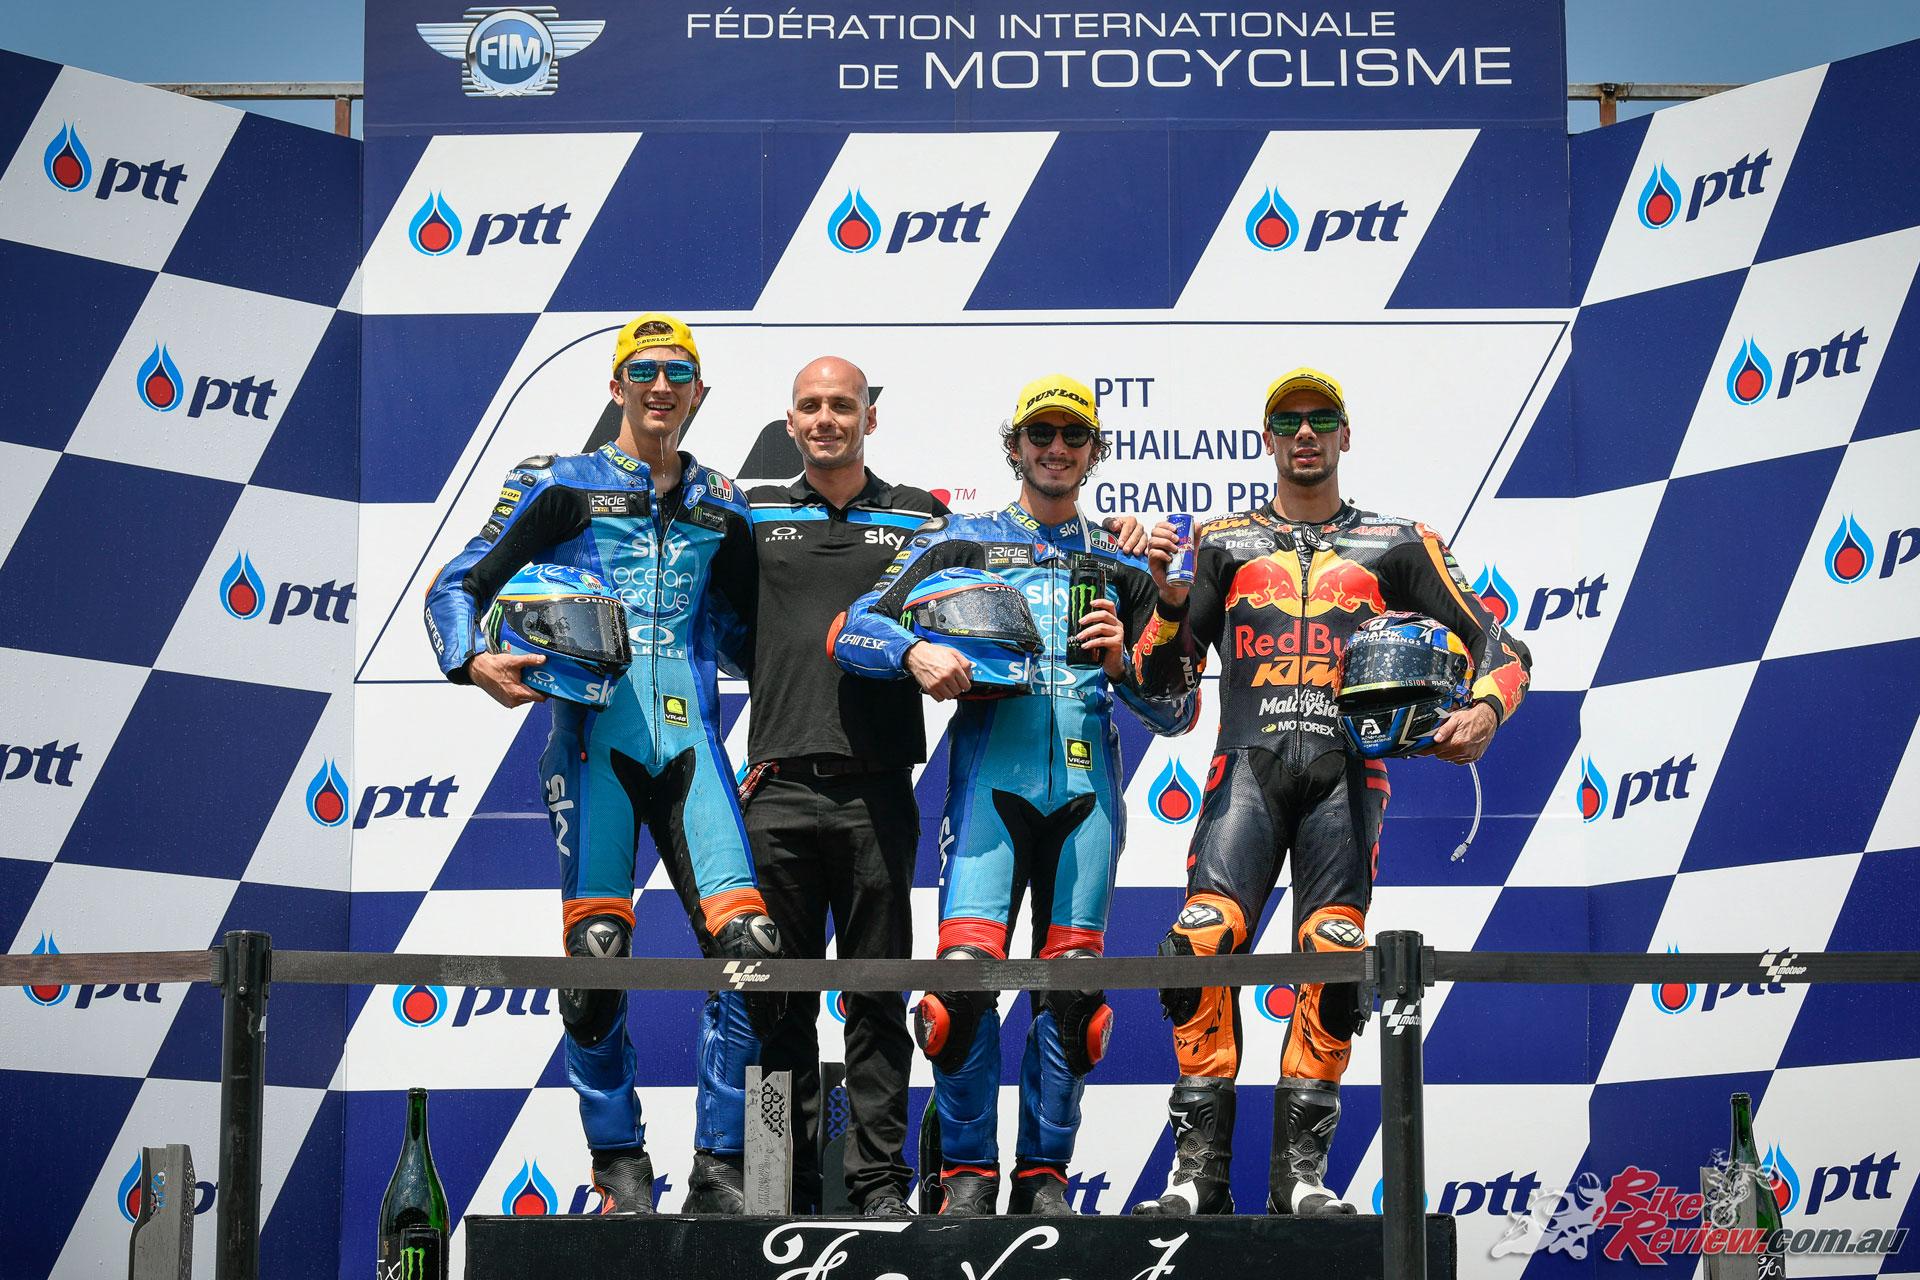 MotoGP Round 15 Thailand - 2018 - Moto2 Podium